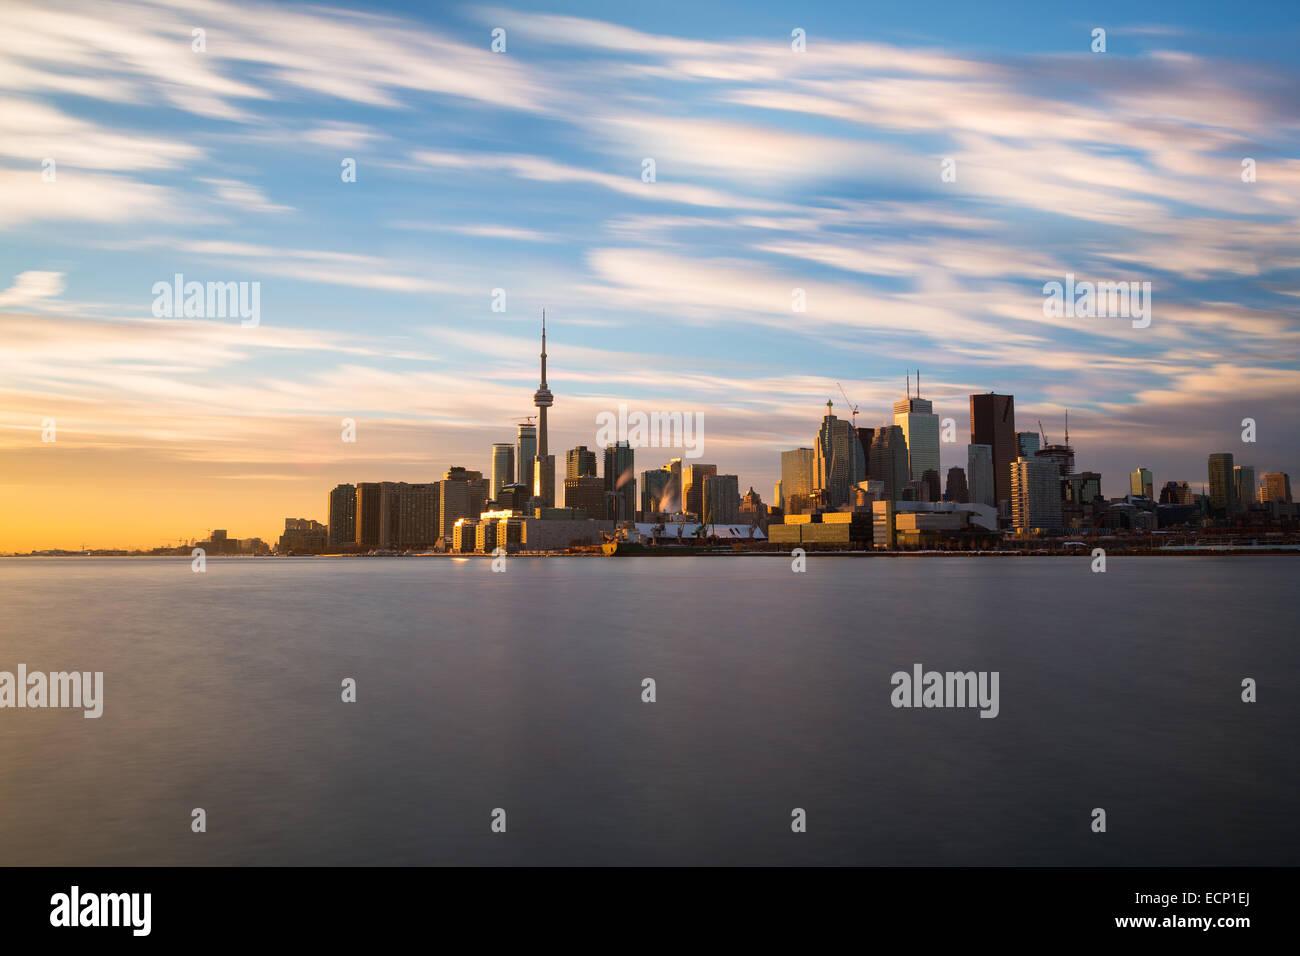 La ville de Toronto à partir de l'Est au coucher du soleil prises avec un temps d'exposition Photo Stock